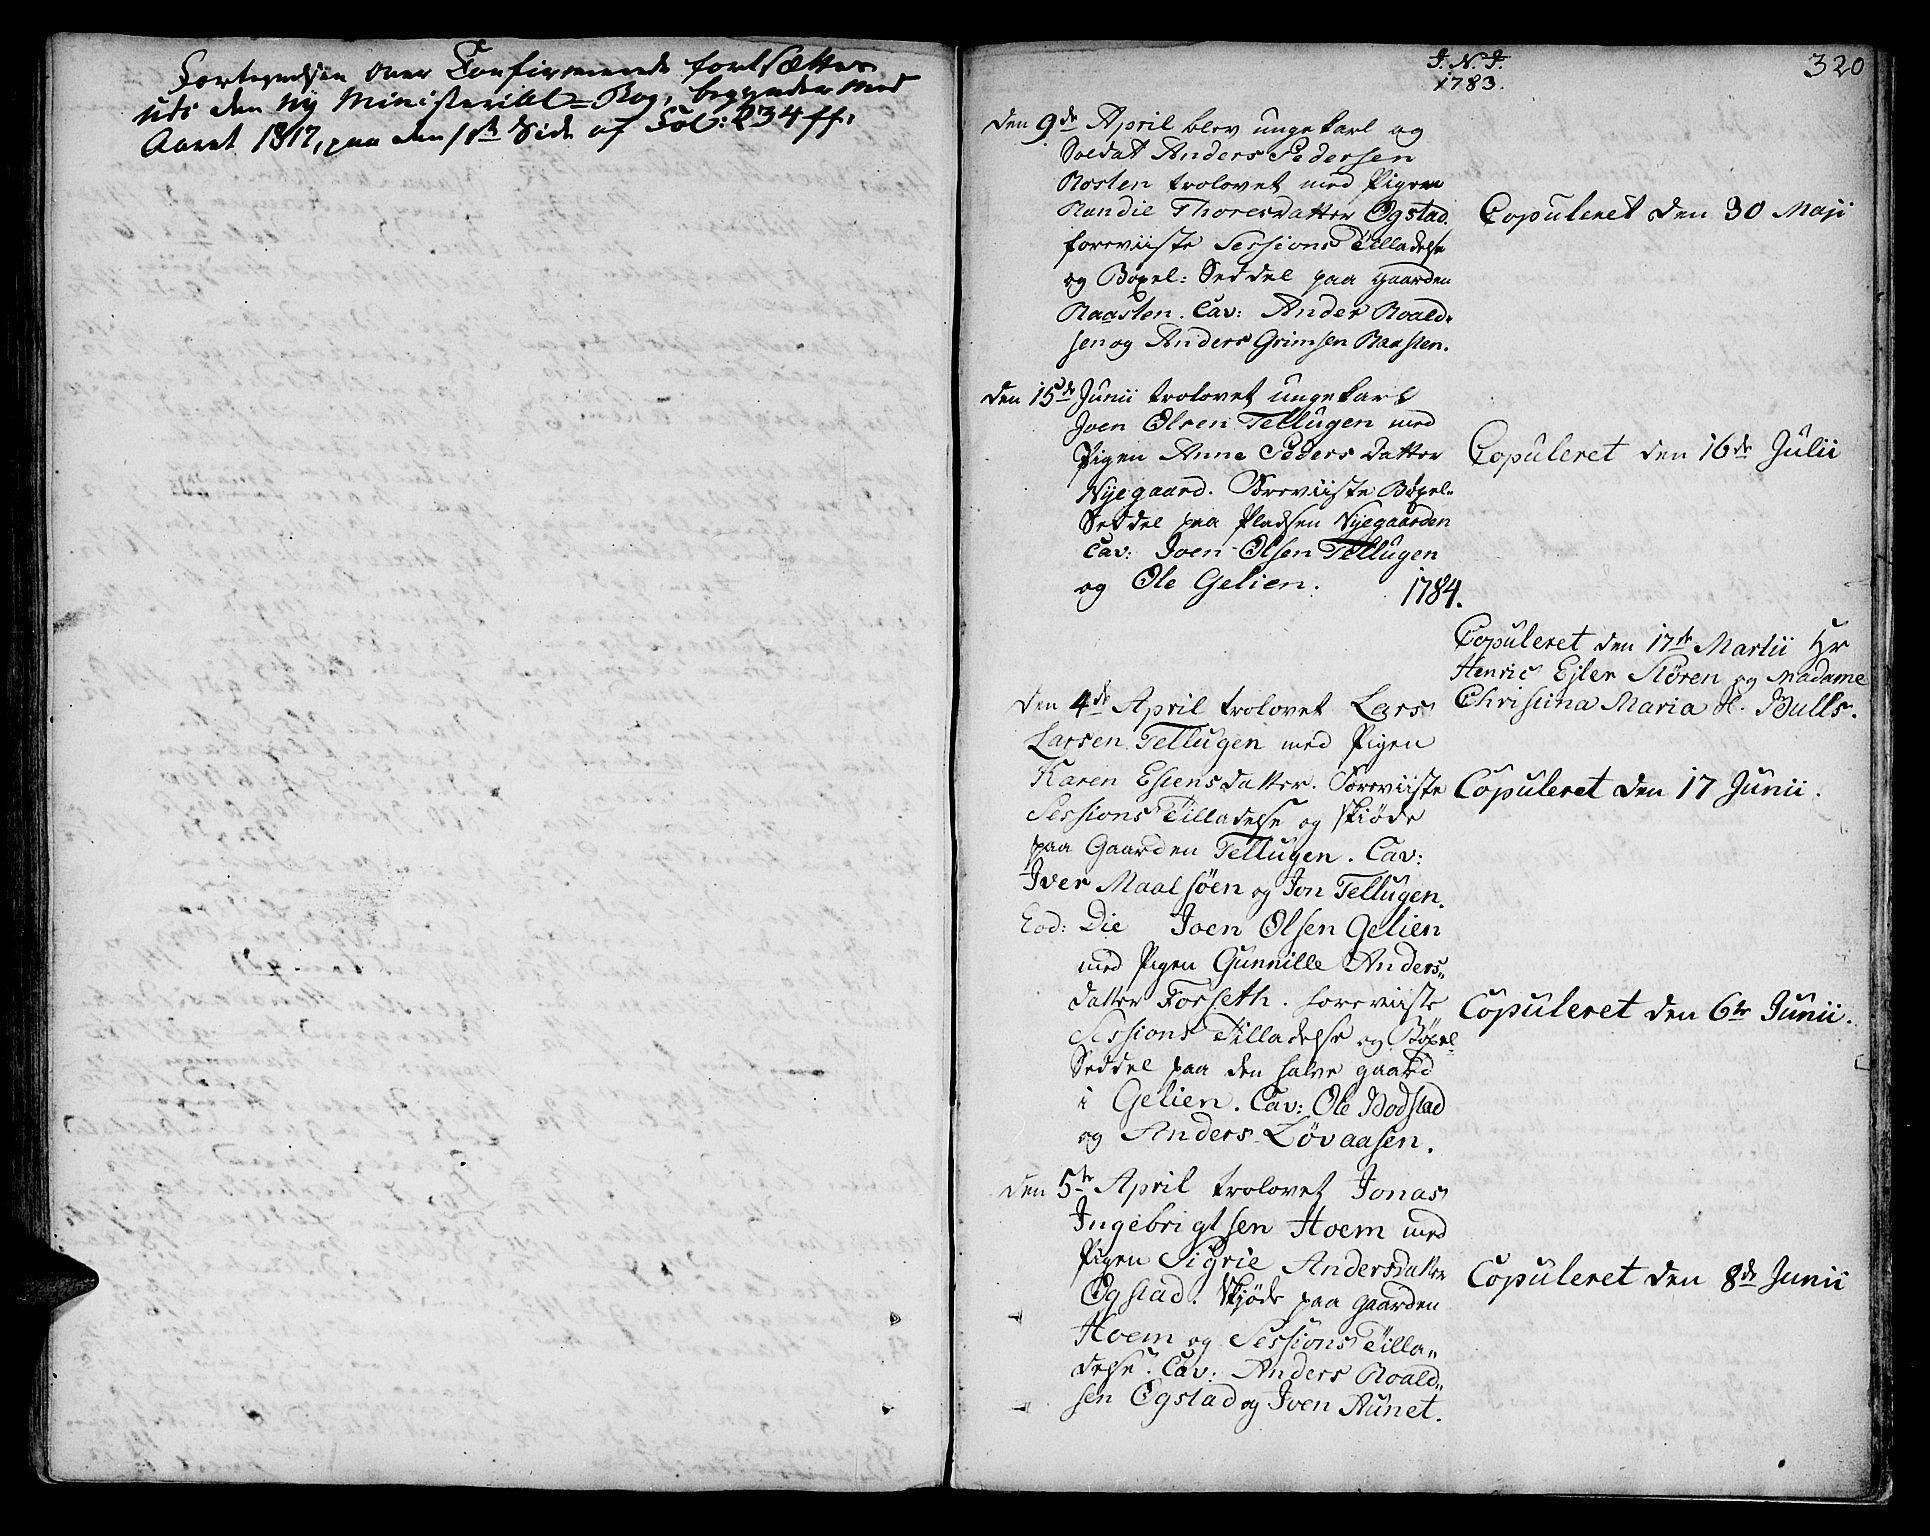 SAT, Ministerialprotokoller, klokkerbøker og fødselsregistre - Sør-Trøndelag, 618/L0438: Ministerialbok nr. 618A03, 1783-1815, s. 320